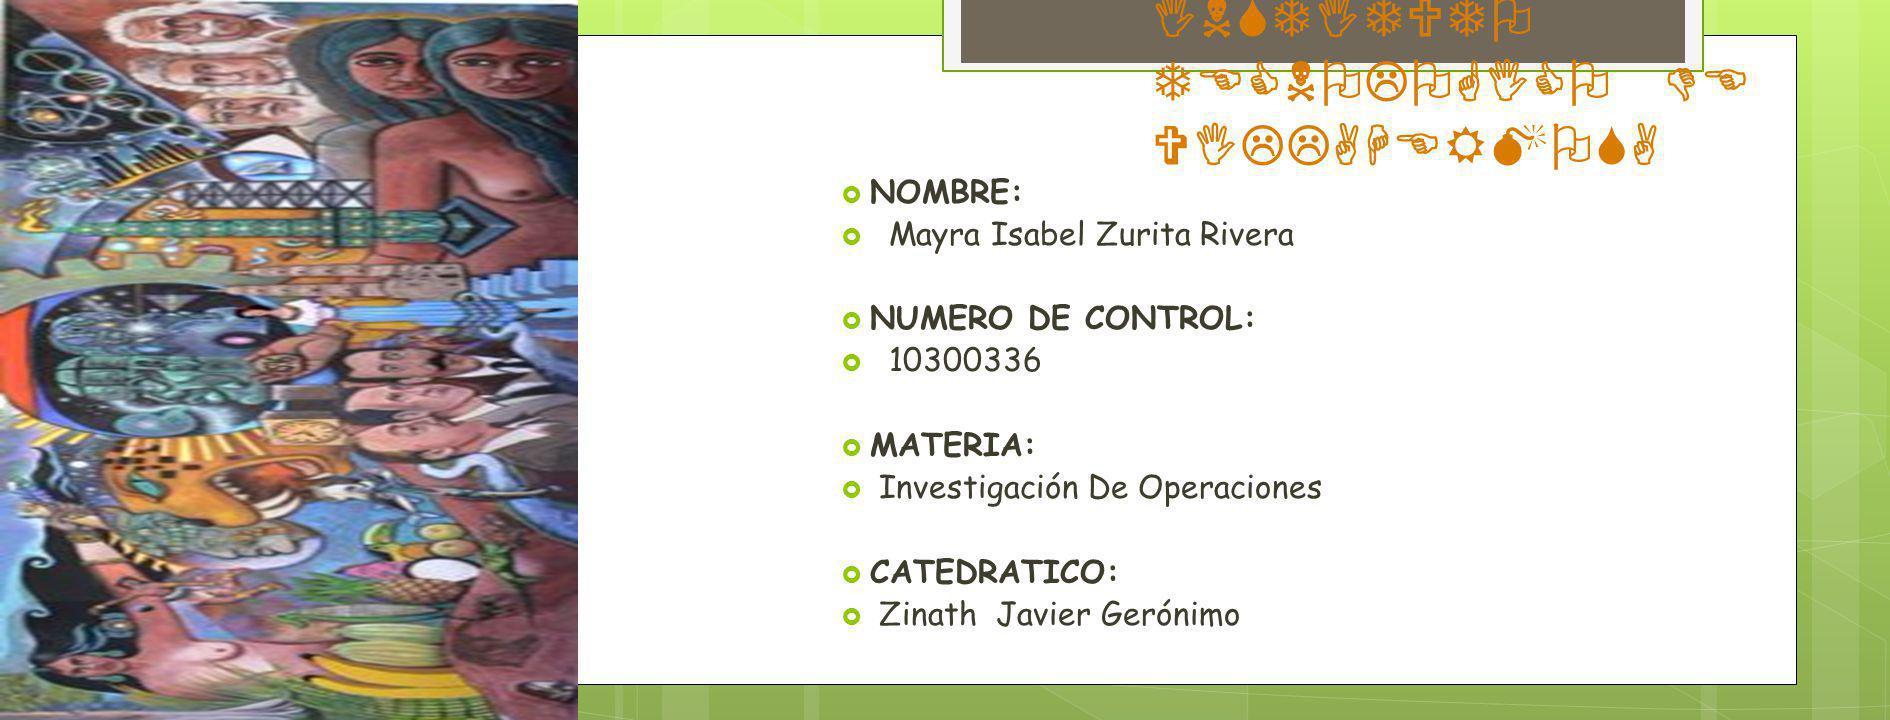 INSTITUTO TECNOLOGICO DE VILLAHERMOSA NOMBRE: Mayra Isabel Zurita Rivera NUMERO DE CONTROL: 10300336 MATERIA: Investigación De Operaciones CATEDRATICO